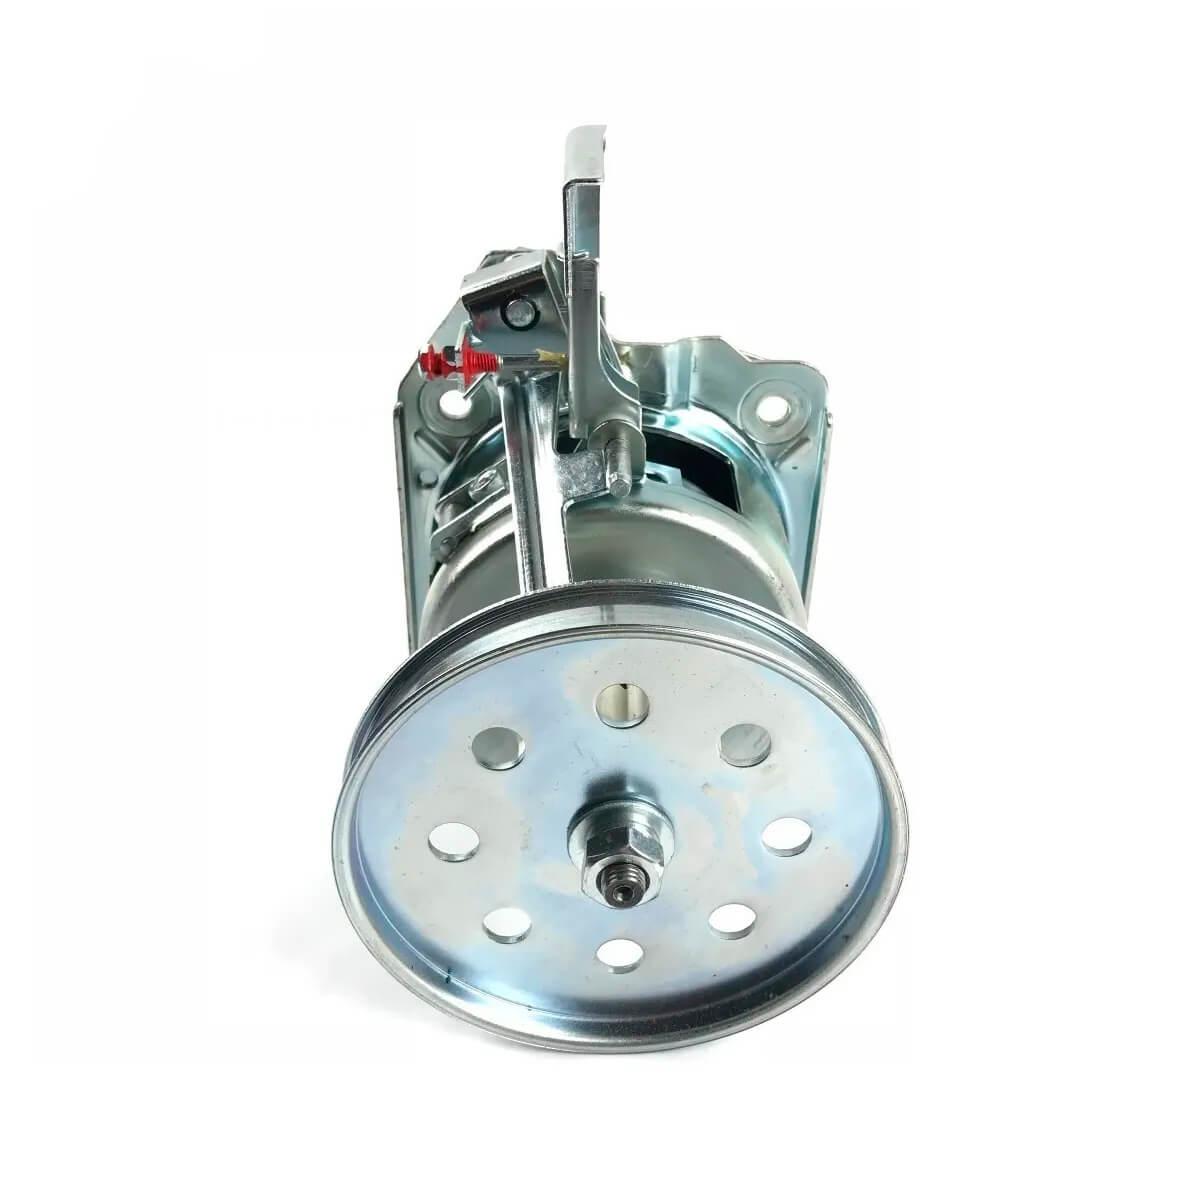 Mecanismo Câmbio Polia Estriada Para Lavadora De Roupas Electrolux LT10B LTD11 LAC11 - A02437701